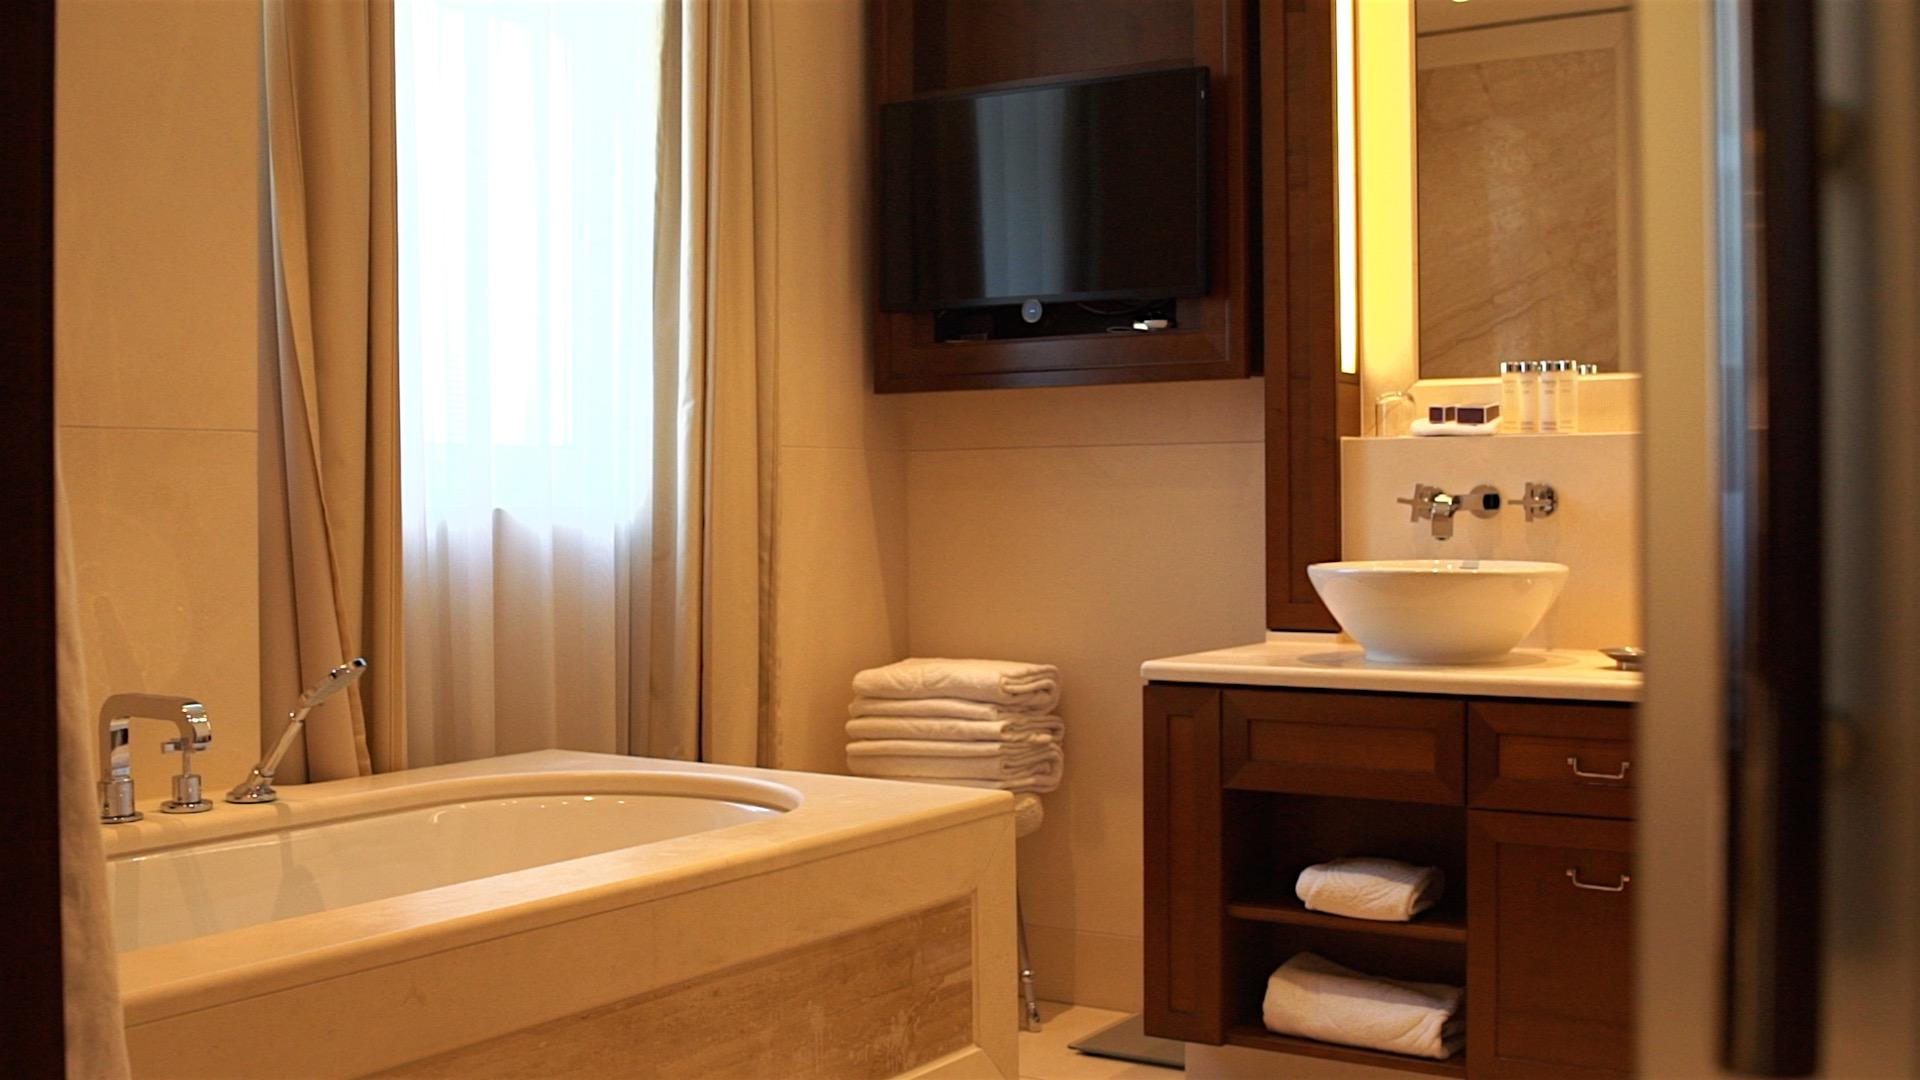 hotel ernst2  Interior Design